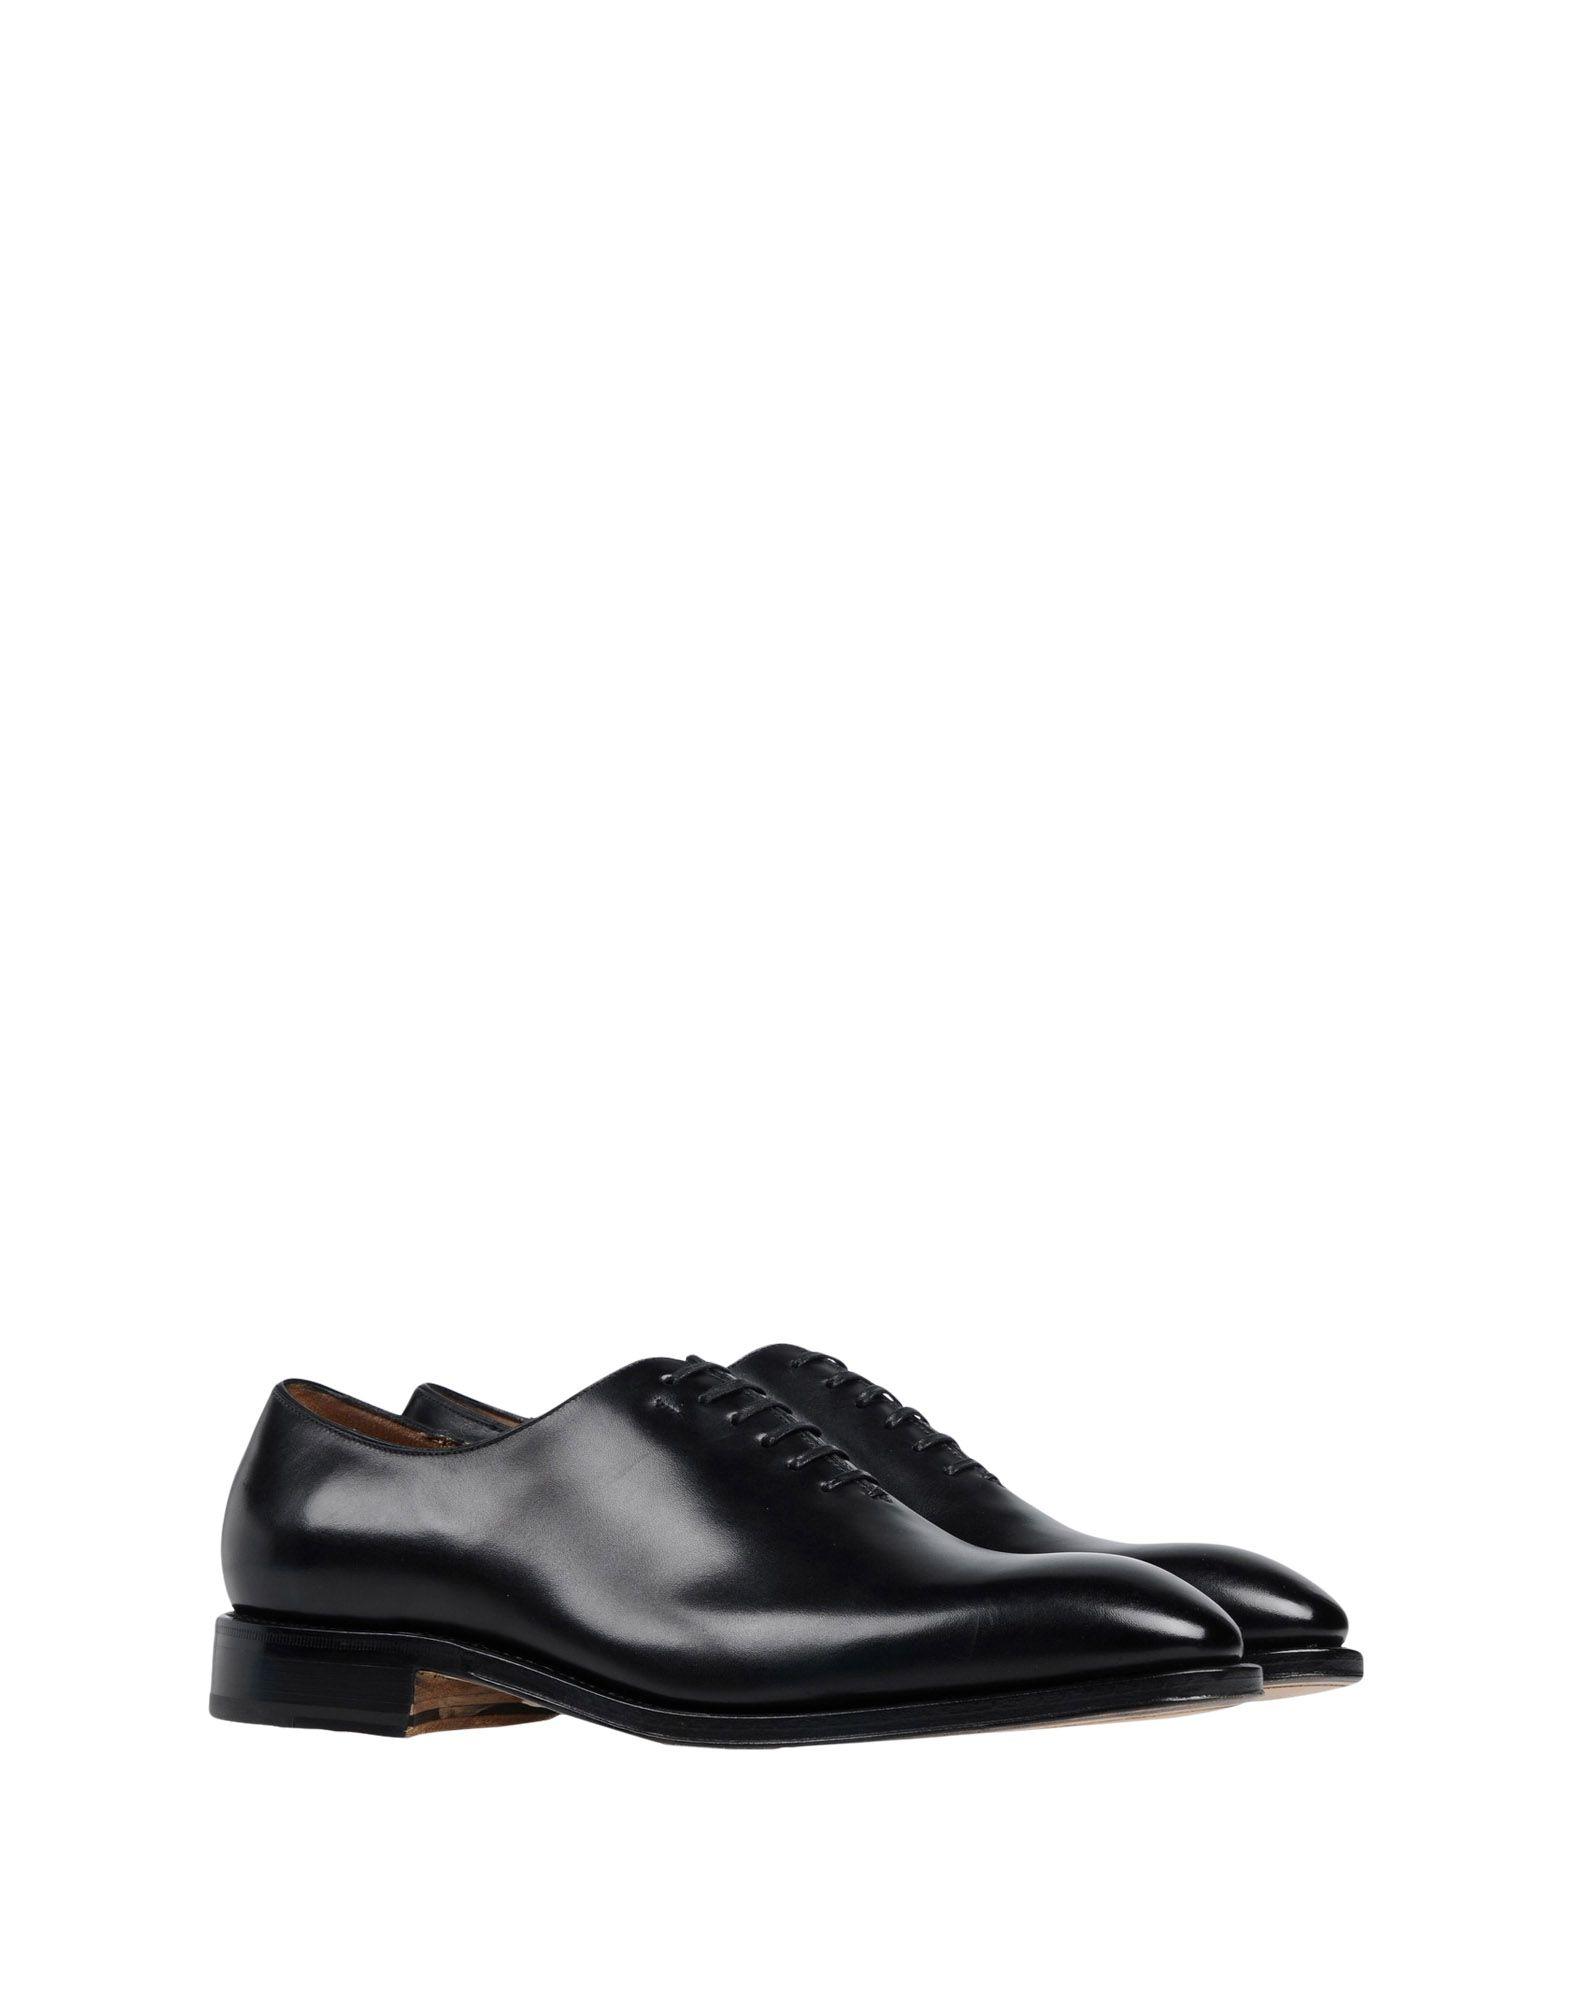 Salvatore Ferragamo Schnürschuhe Herren beliebte  11465885EV Gute Qualität beliebte Herren Schuhe 1b190b